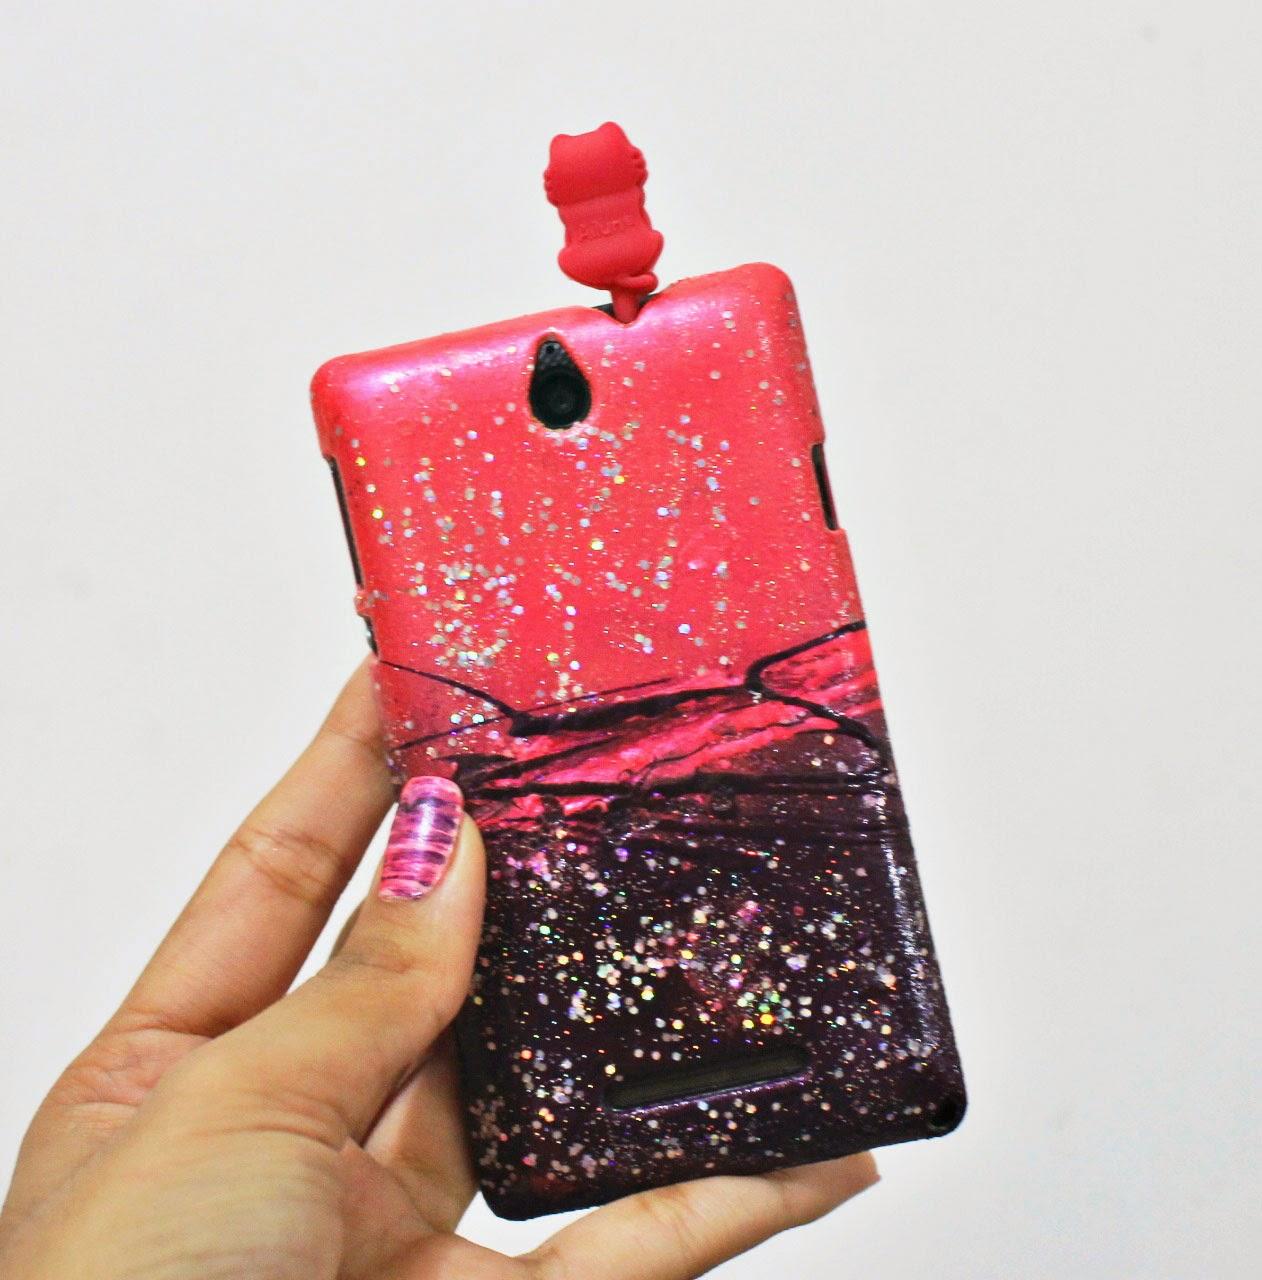 capinha customizada, customização case para celular, capinha feita de esmalte, capinha ombré, capinha roxo e rosa, faça você mesma